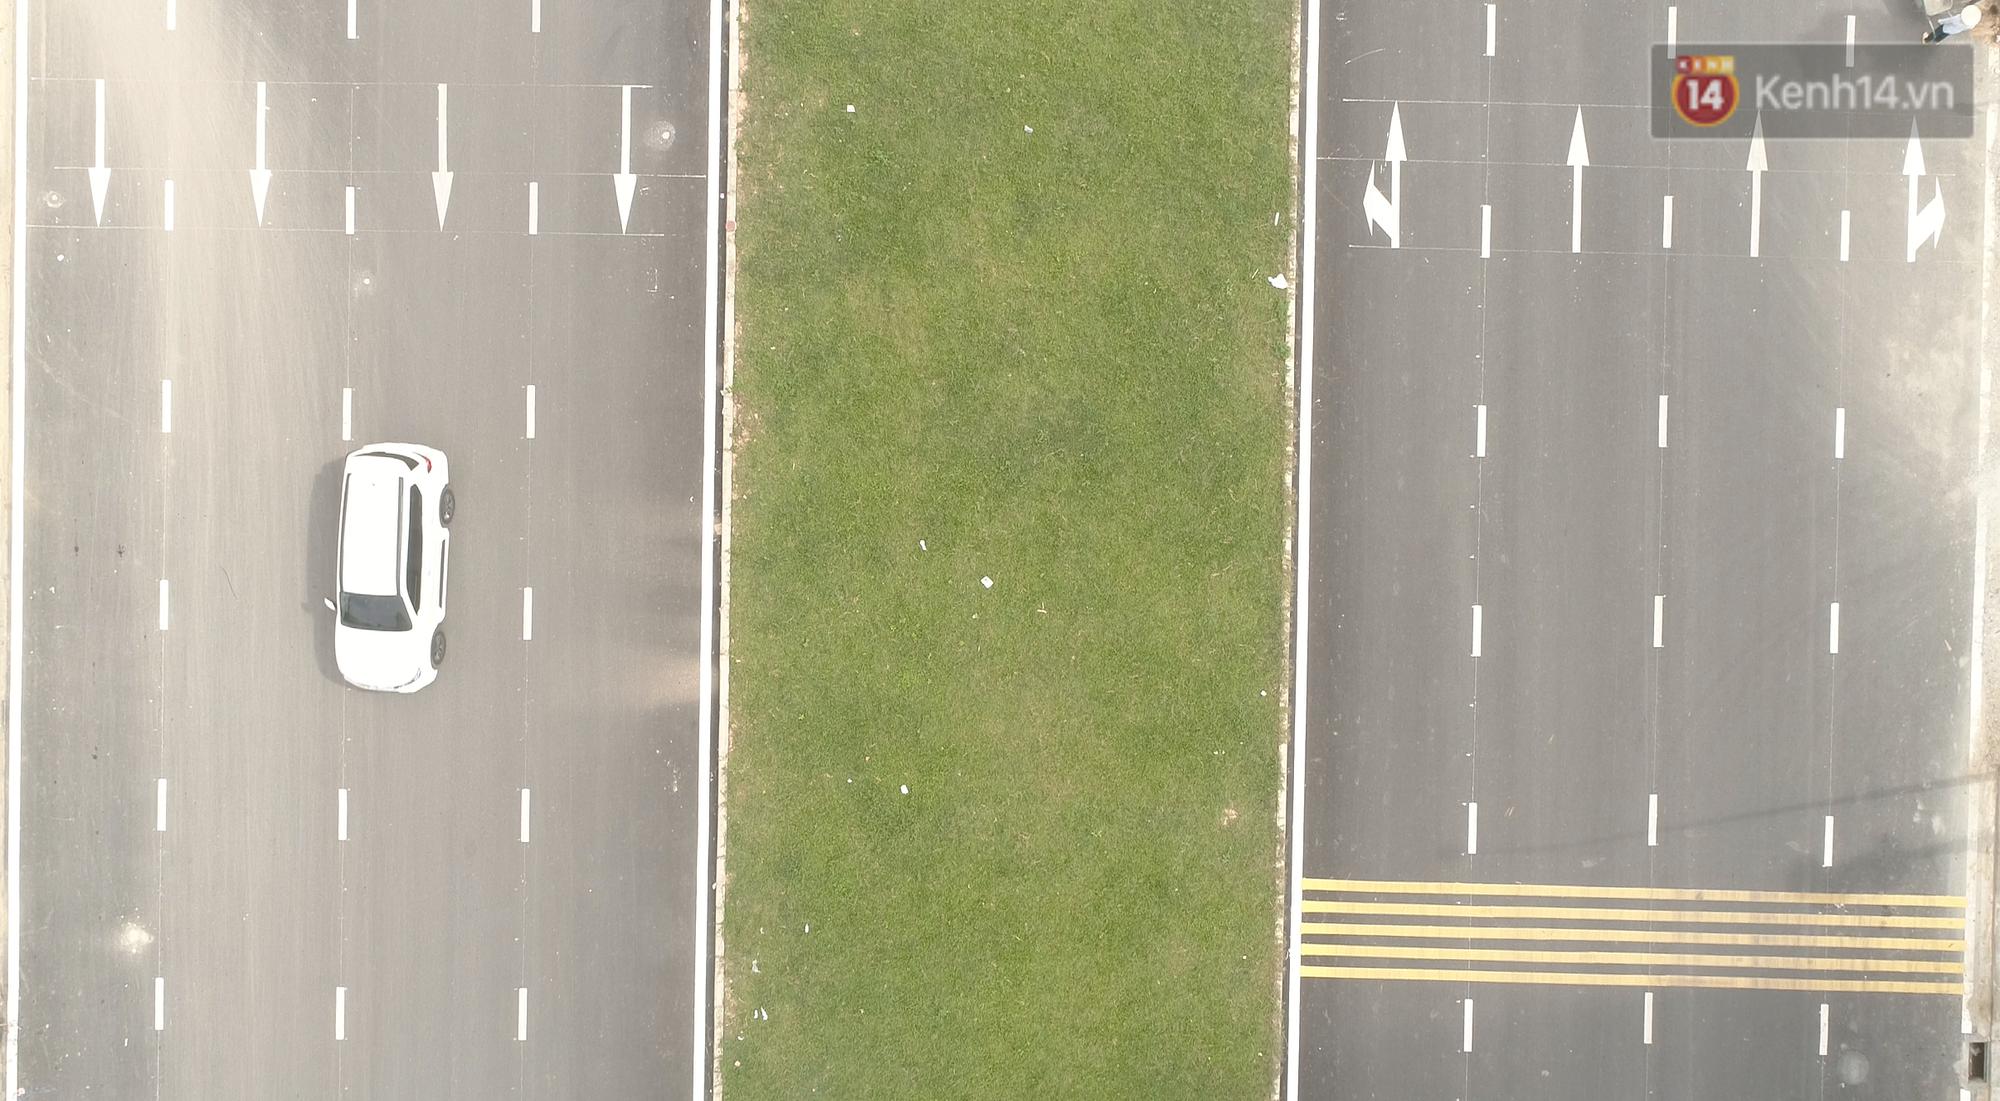 Clip, ảnh: Toàn cảnh tuyến đường mới với 8 làn xe, mạch xương sống nối liền 3 quận ở Hà Nội - Ảnh 6.